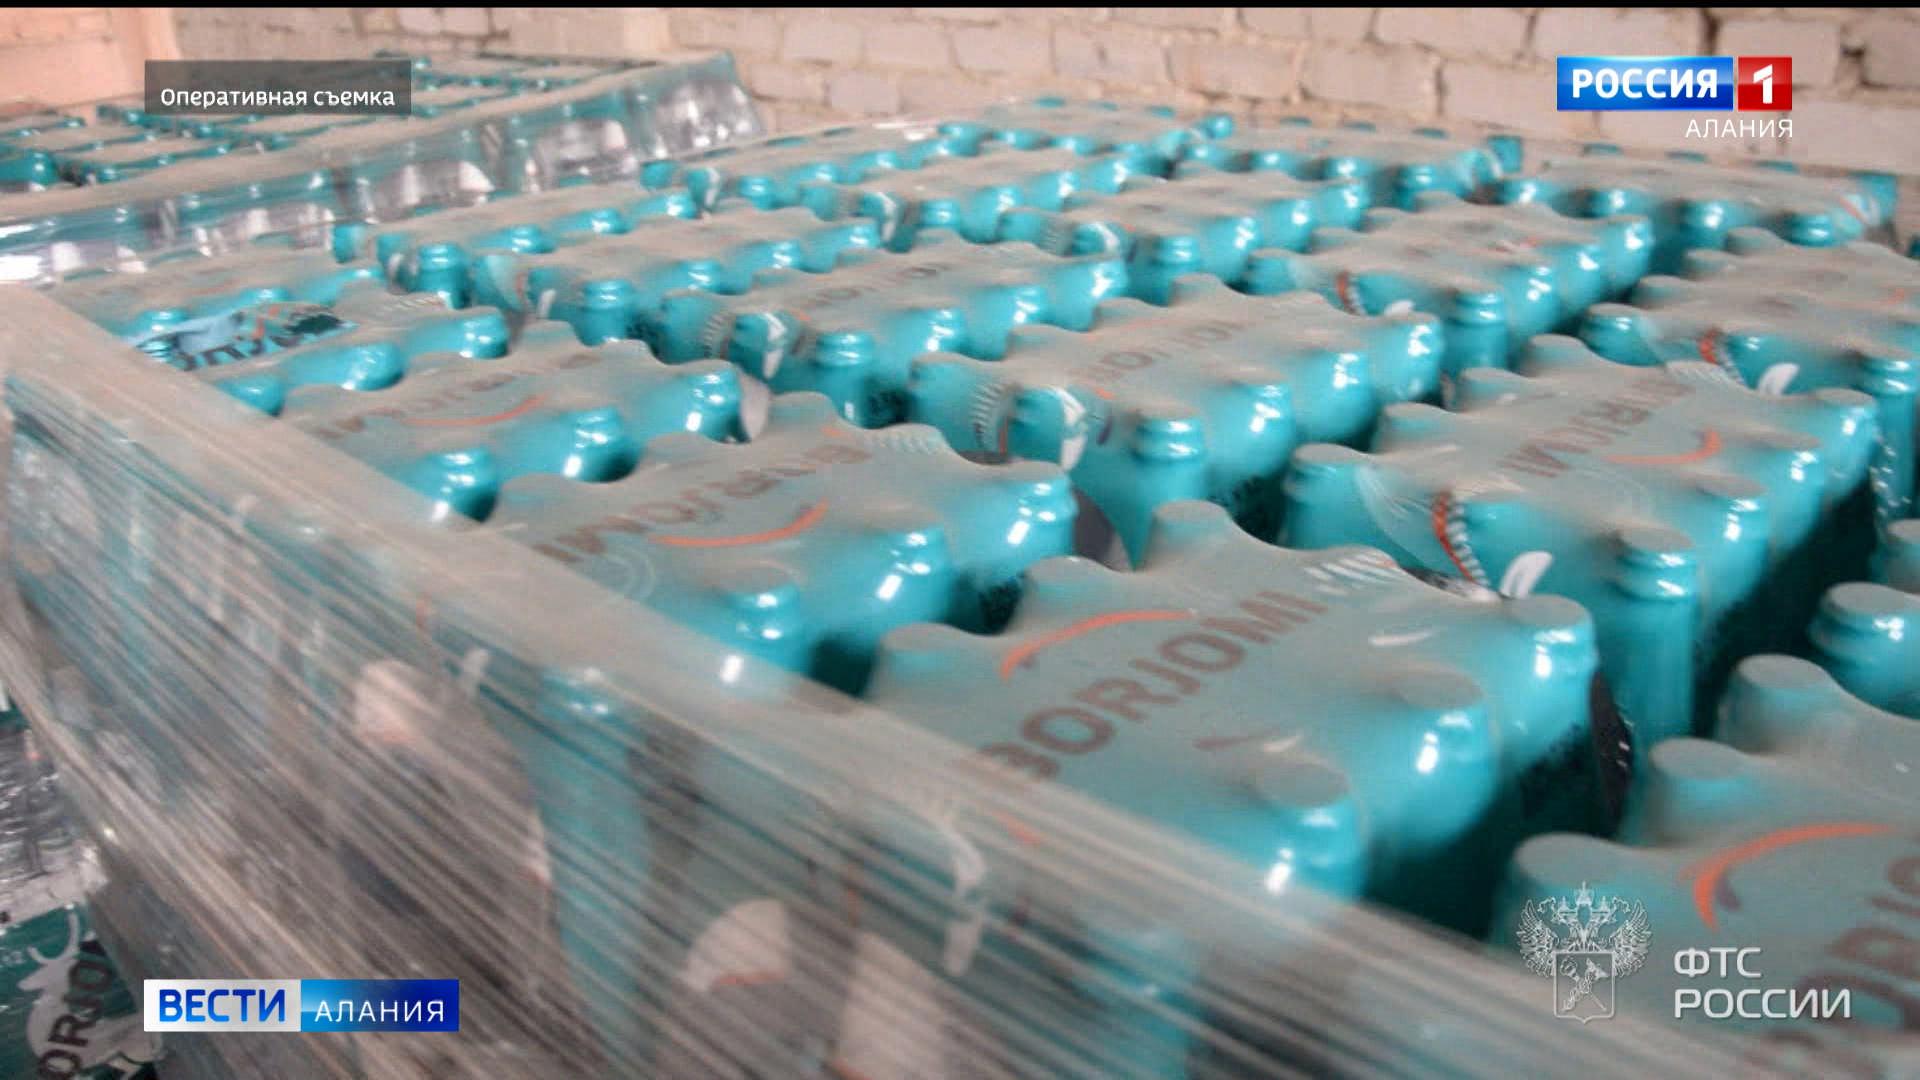 Североосетинские таможенники изъяли более 5 тысяч бутылок контрафактной минеральной воды